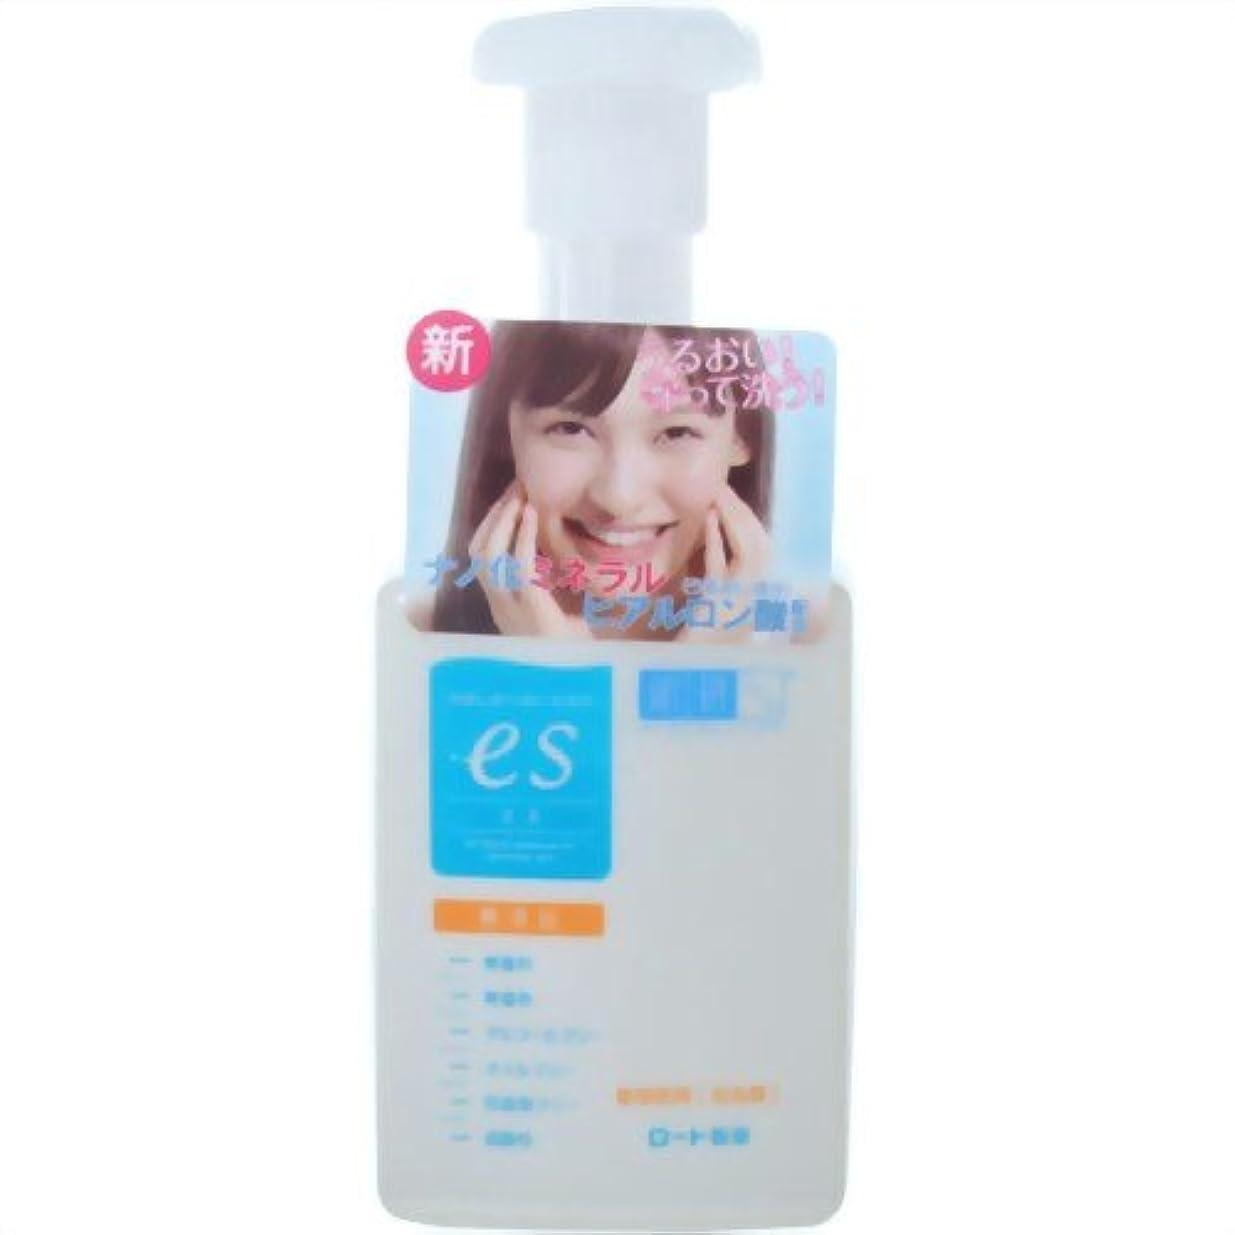 世紀通貨受け皿肌ラボ es(エス)ナノ化ミネラルヒアルロン酸配合 無添加処方 洗顔泡タイプ 160ml